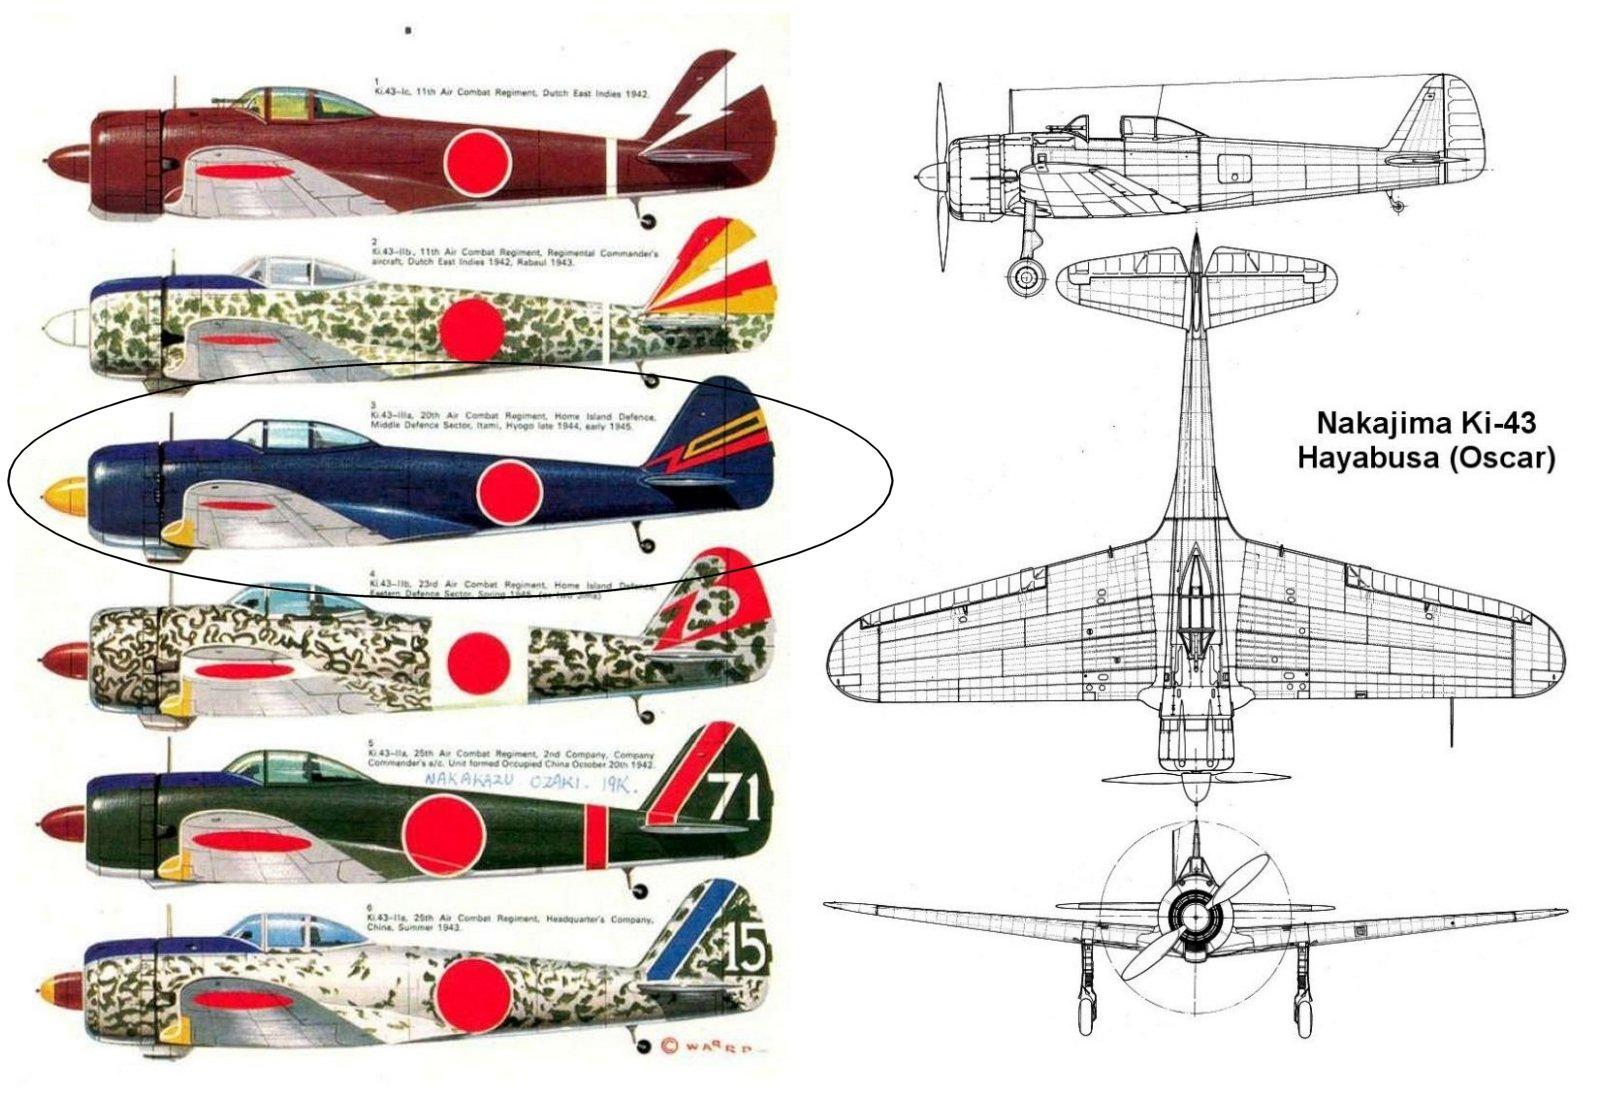 Nakajima_Ki-43_Hayabusa_OSCAR_4.jpg